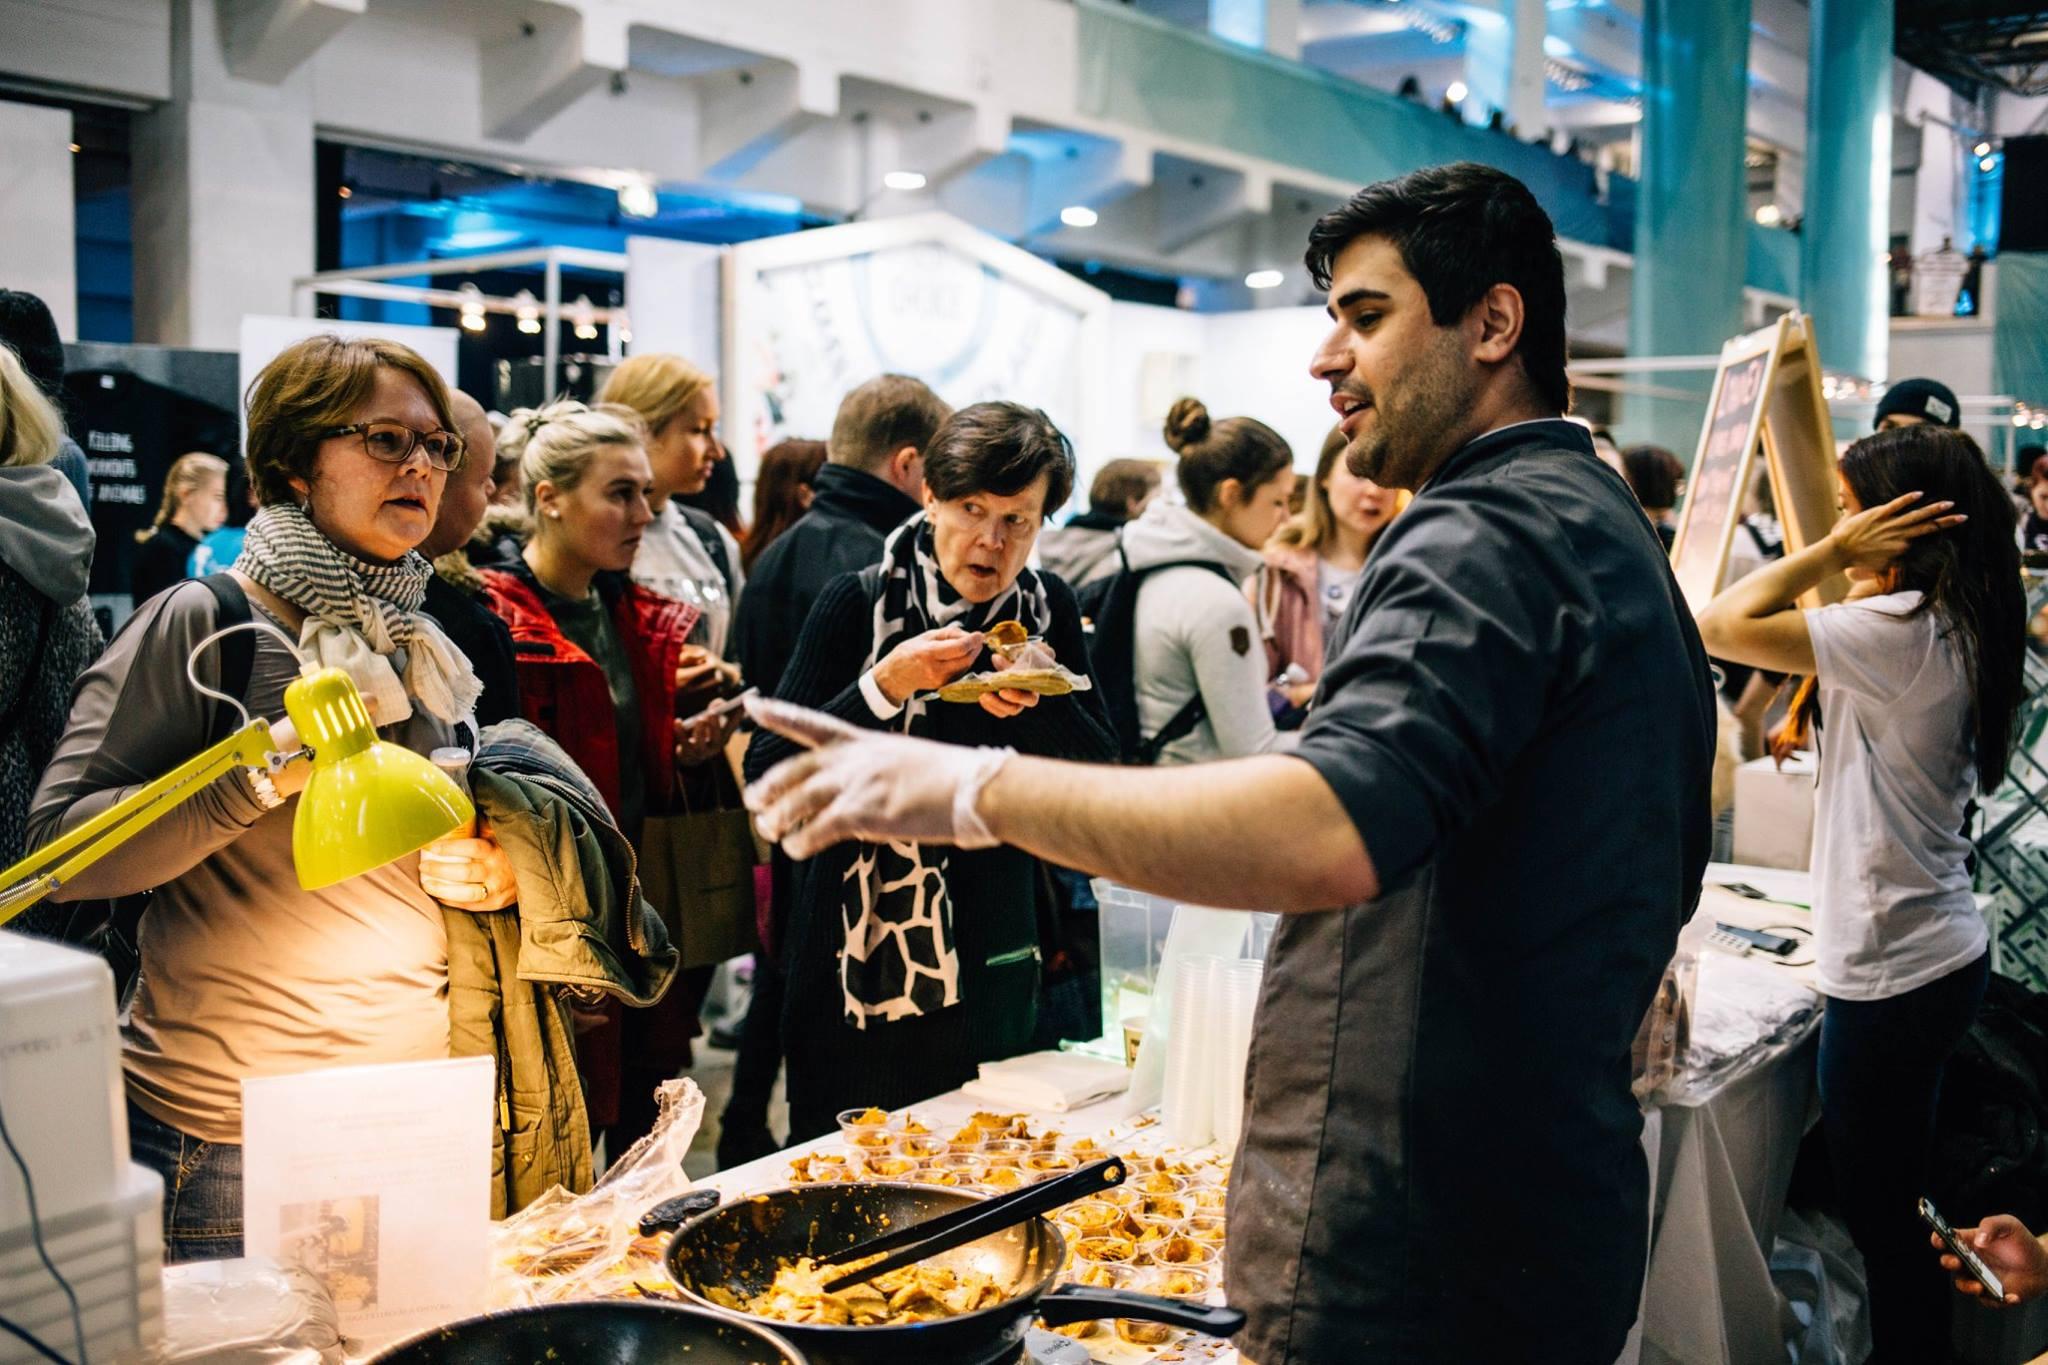 Yli 8000 ihmistä vieraili Suomen suurimmassa kasvisruokatapahtumassa! -